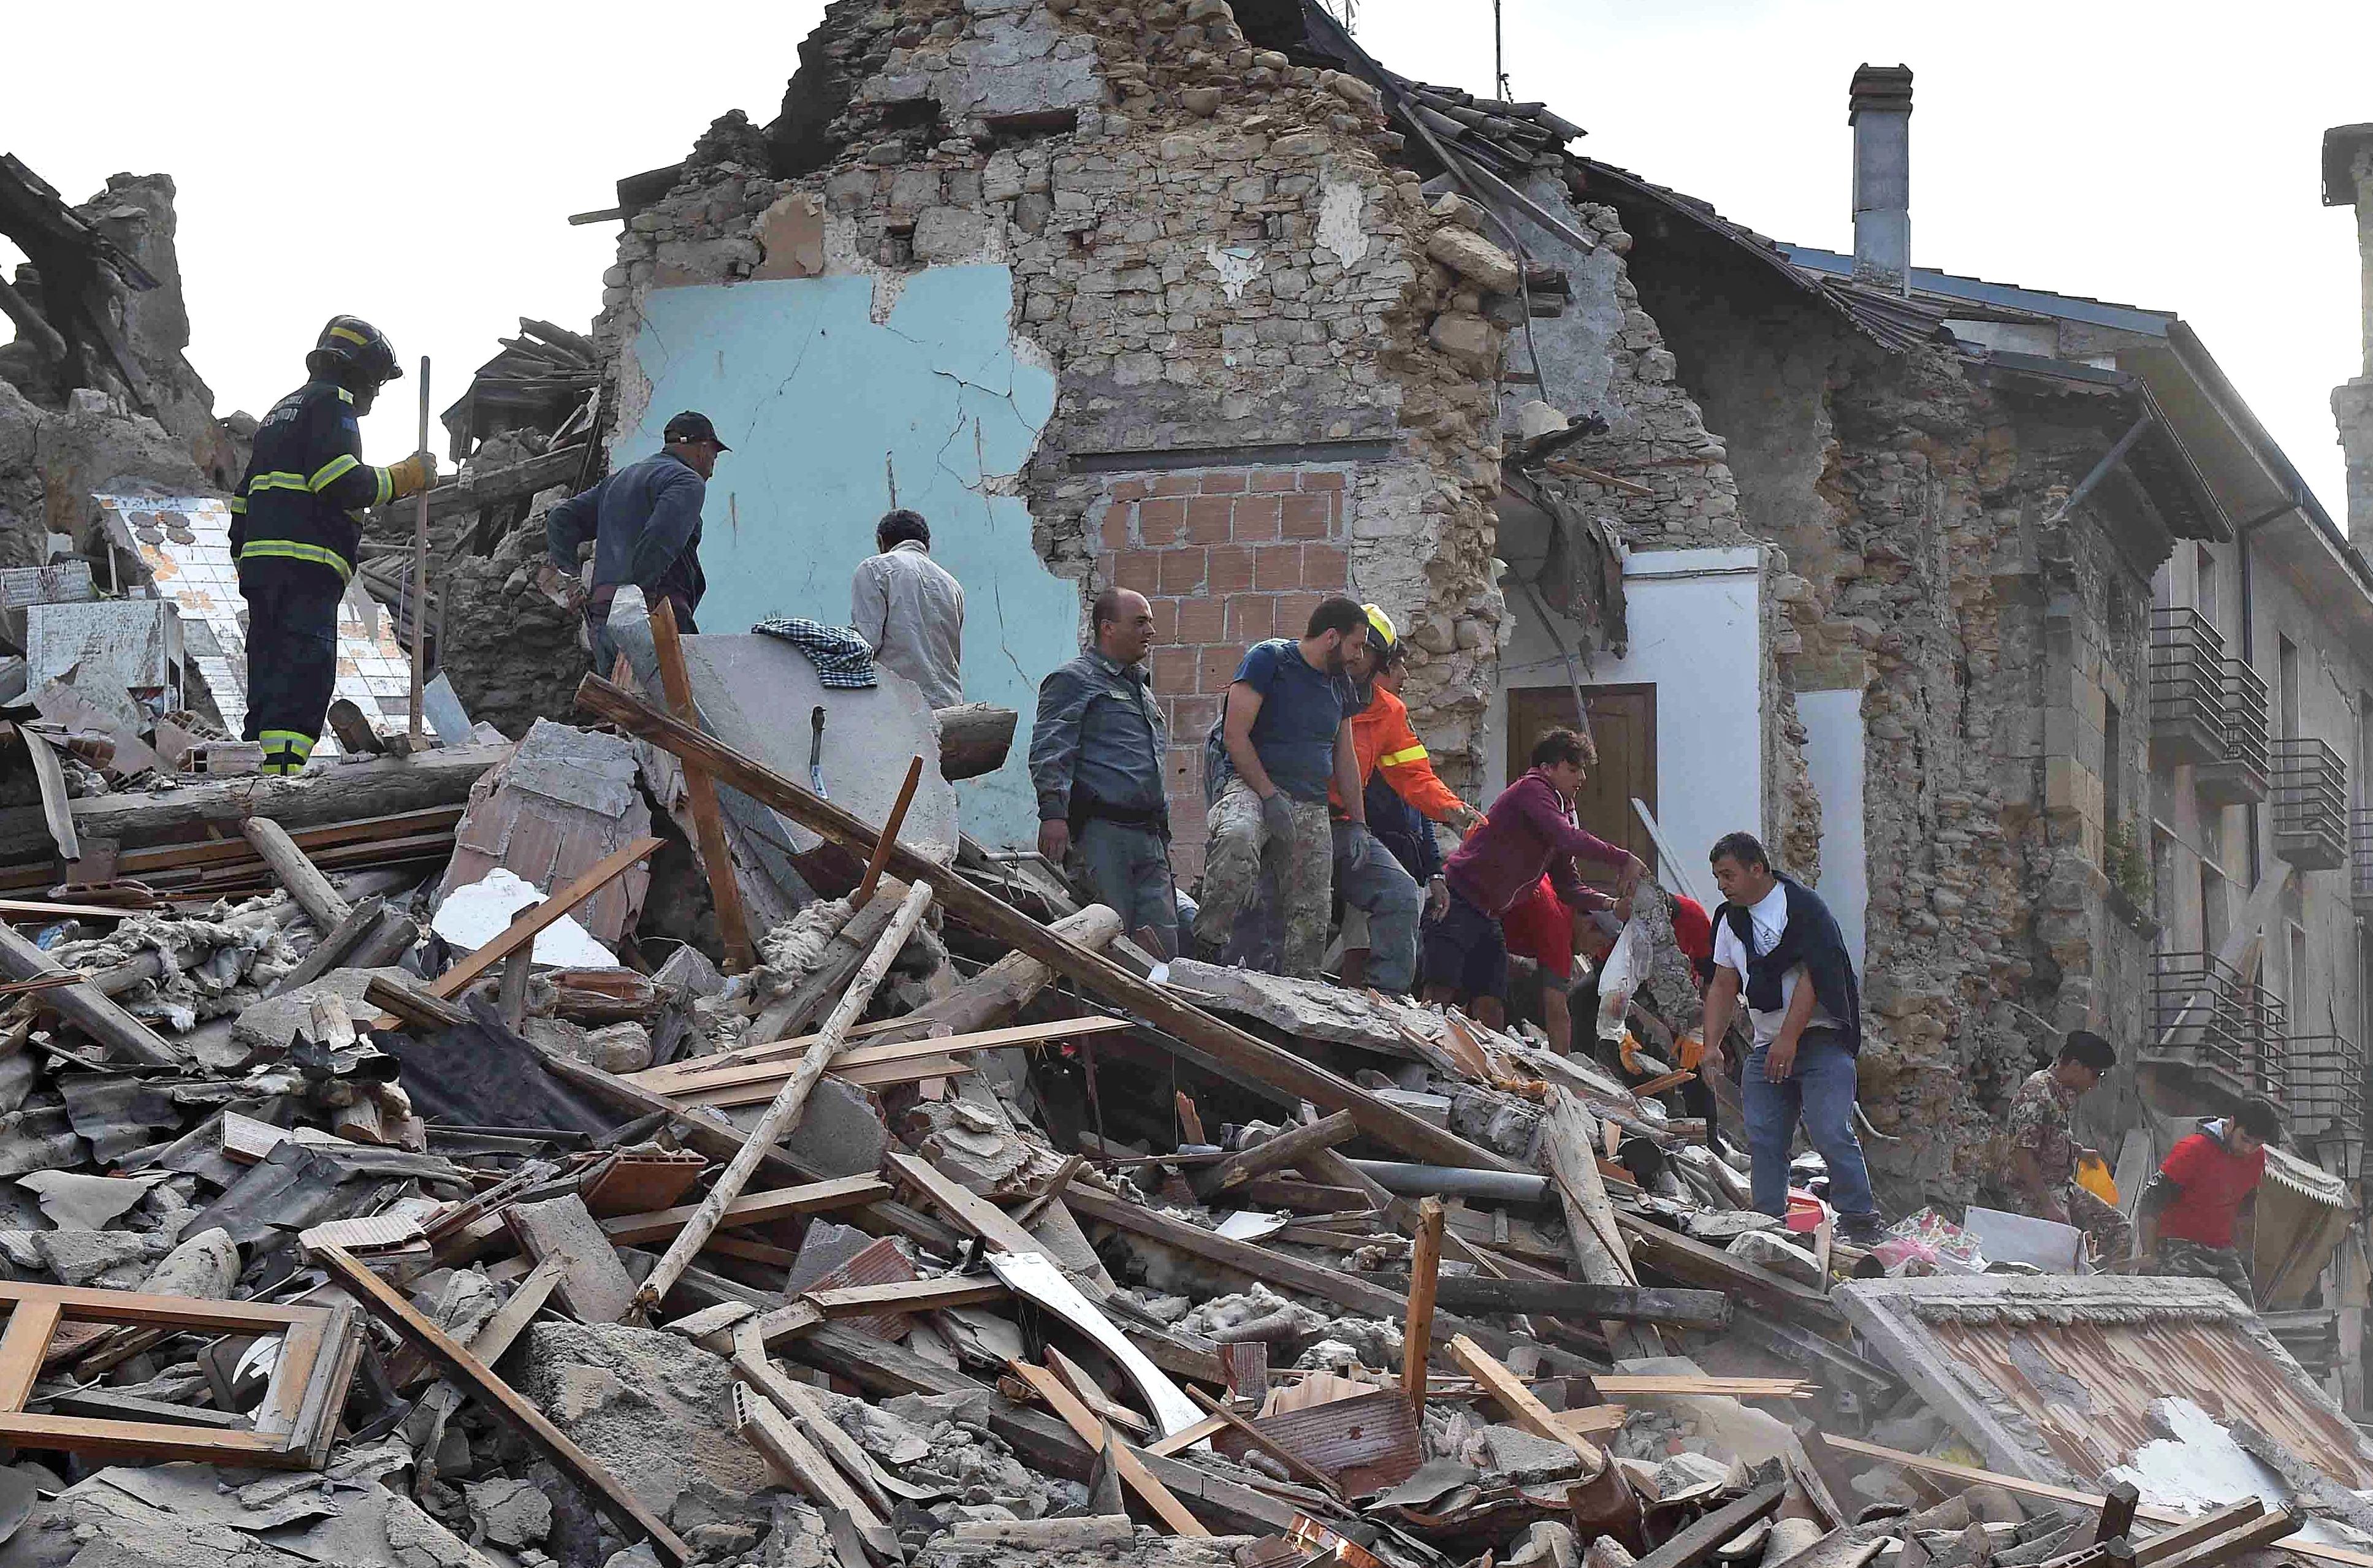 רעידת אדמה בישראל: איטליה: היסטוריה של רעידות אדמה, שיטפונות והתפרצות